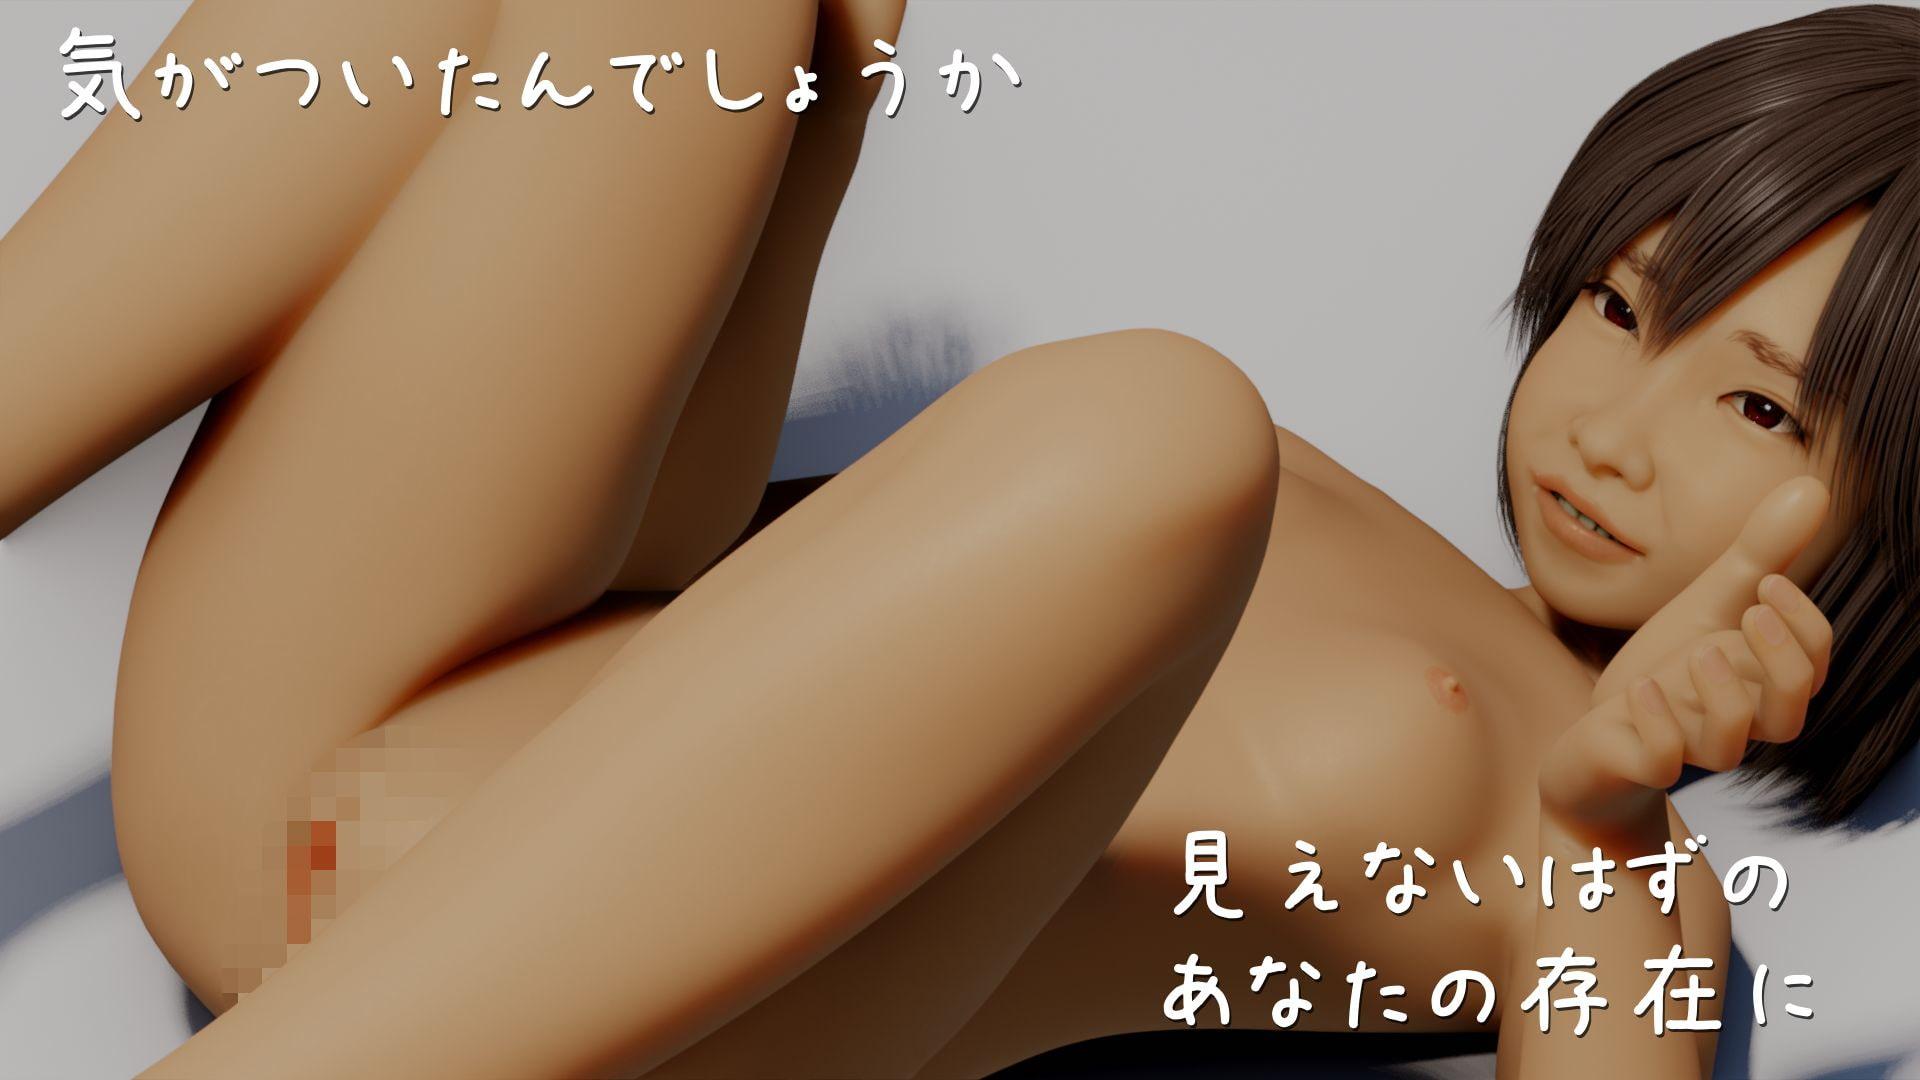 RJ344661 透明人間にヤられる夢 [20210924]